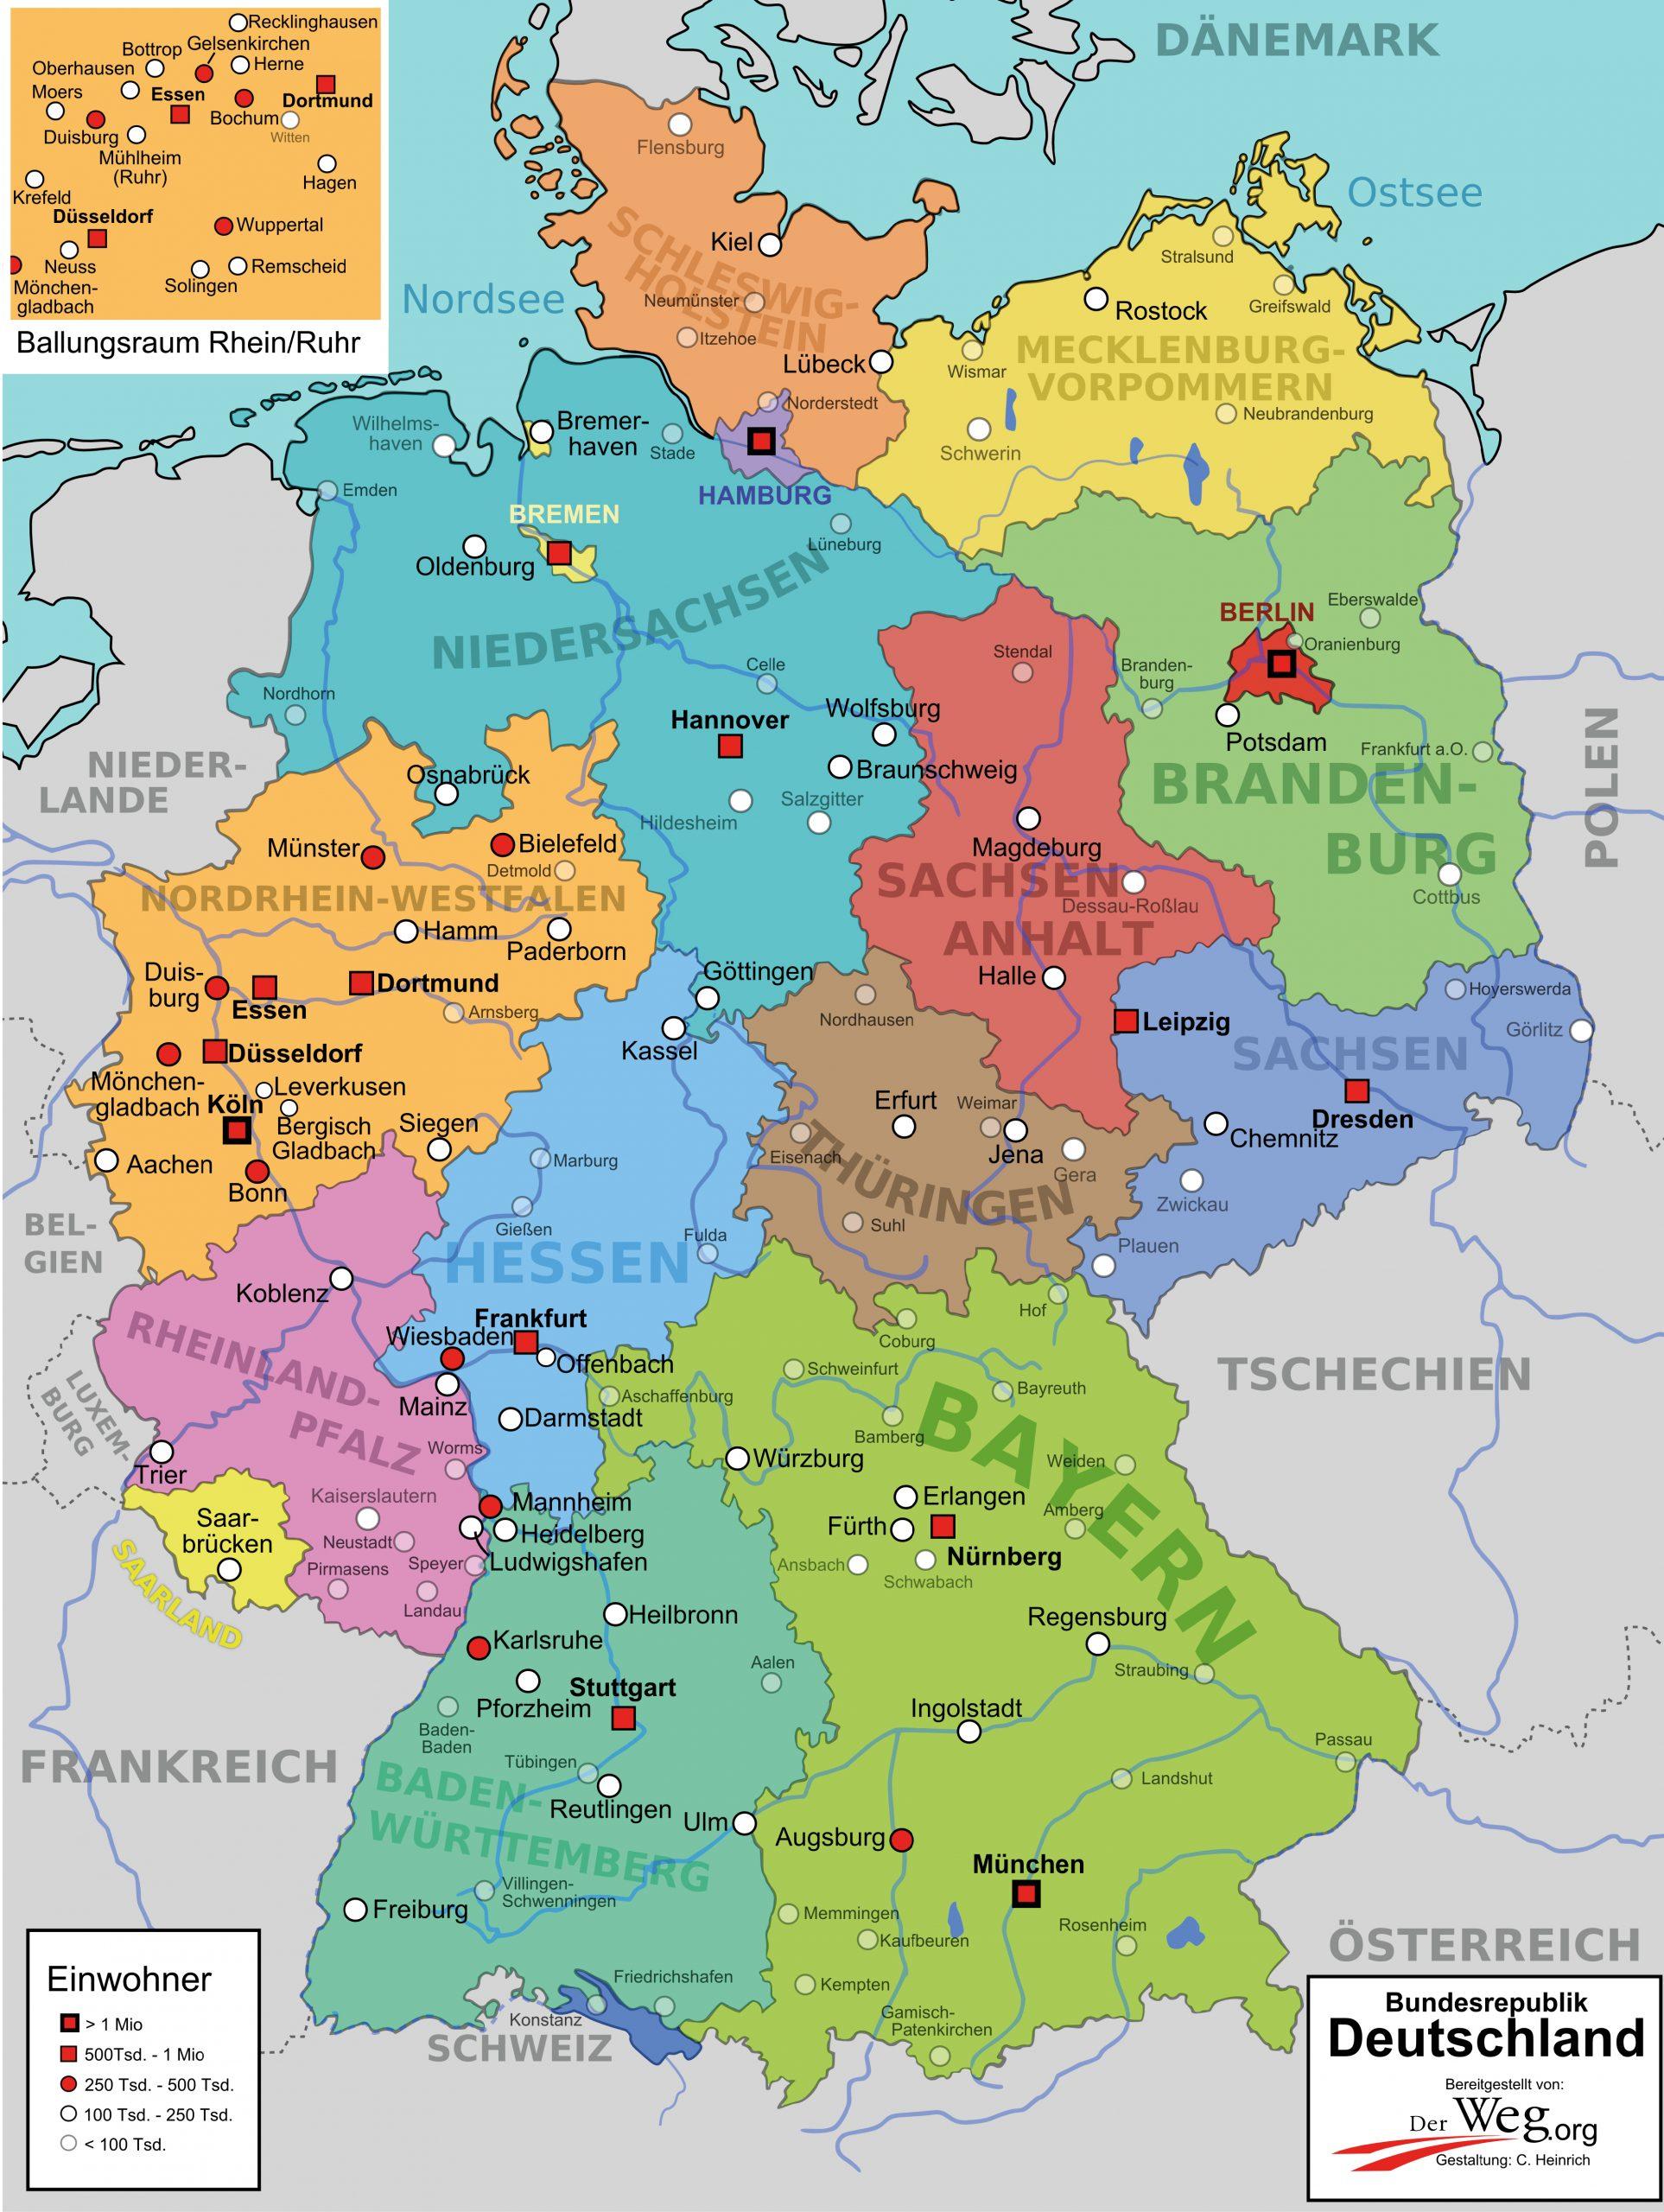 Deutschlandkarte | Der Weg für Deutschlandkarte Mit Bundesländern Und Städten